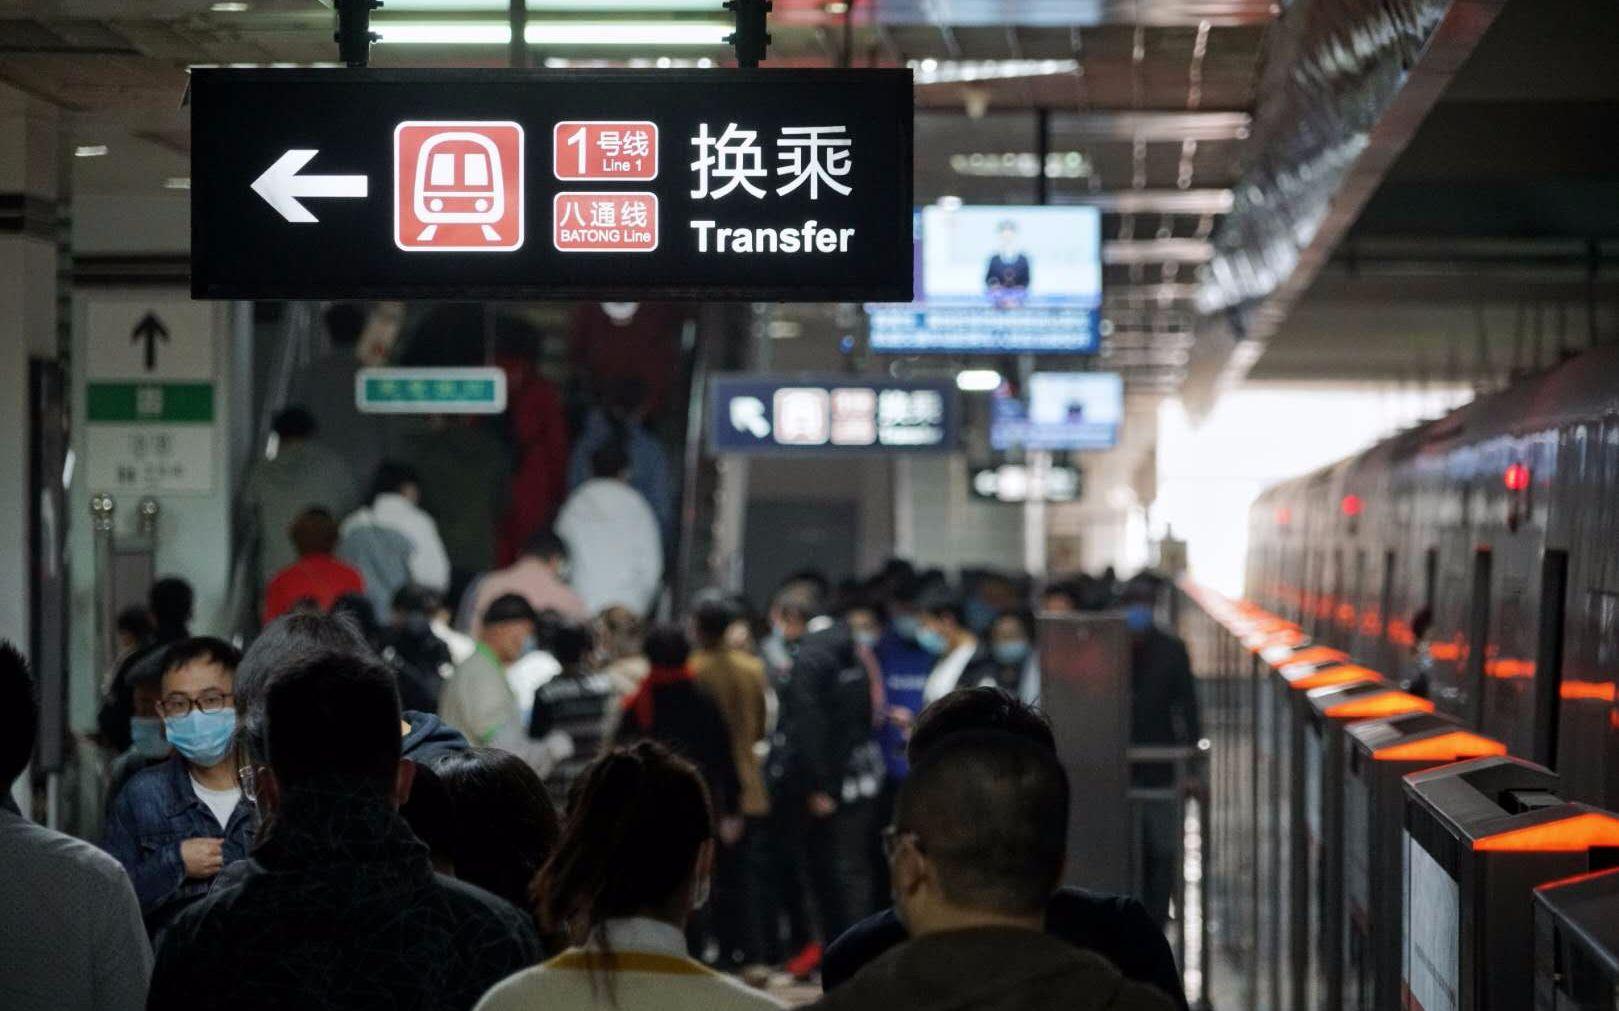 早上9点,搭客在四惠东站换乘。 记京报新剑 裴者贯通飞。 摄